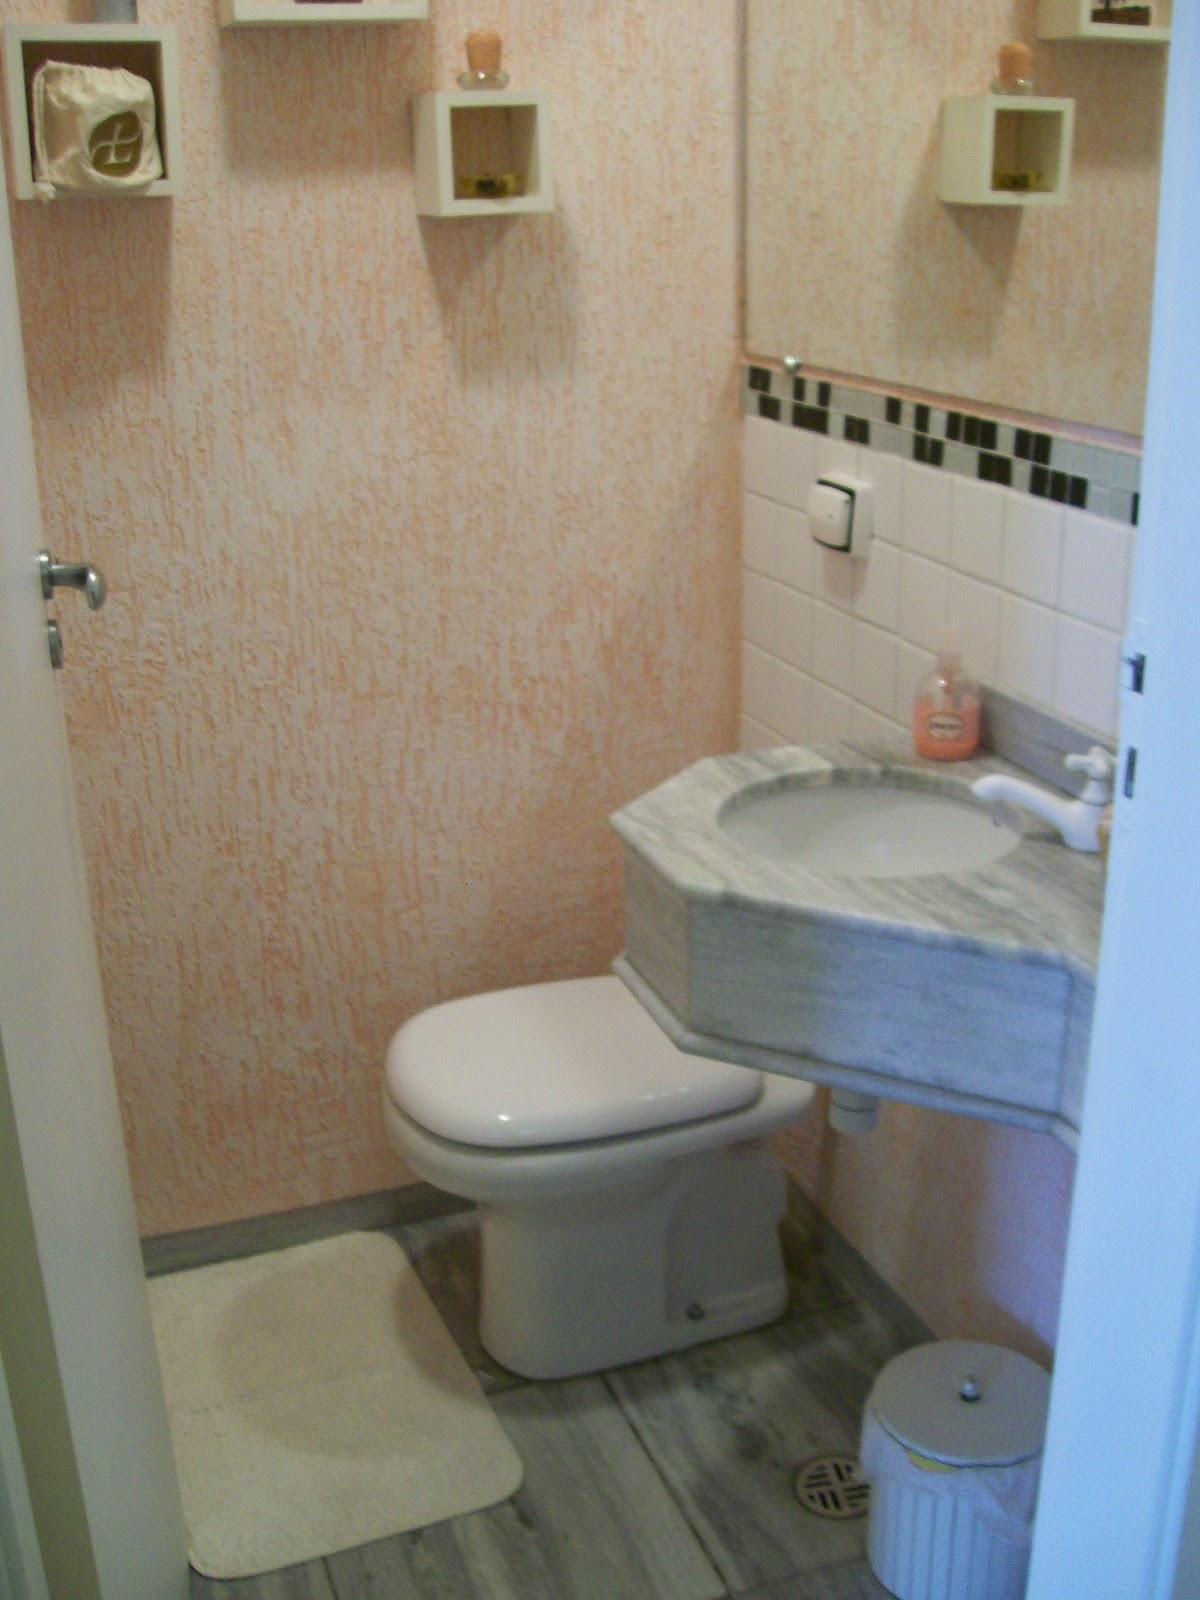 Imagens de #2663A5 Achei super simples e nada de caro nem fora da minha realidade então  1200x1600 px 3604 Banheiros Super Simples